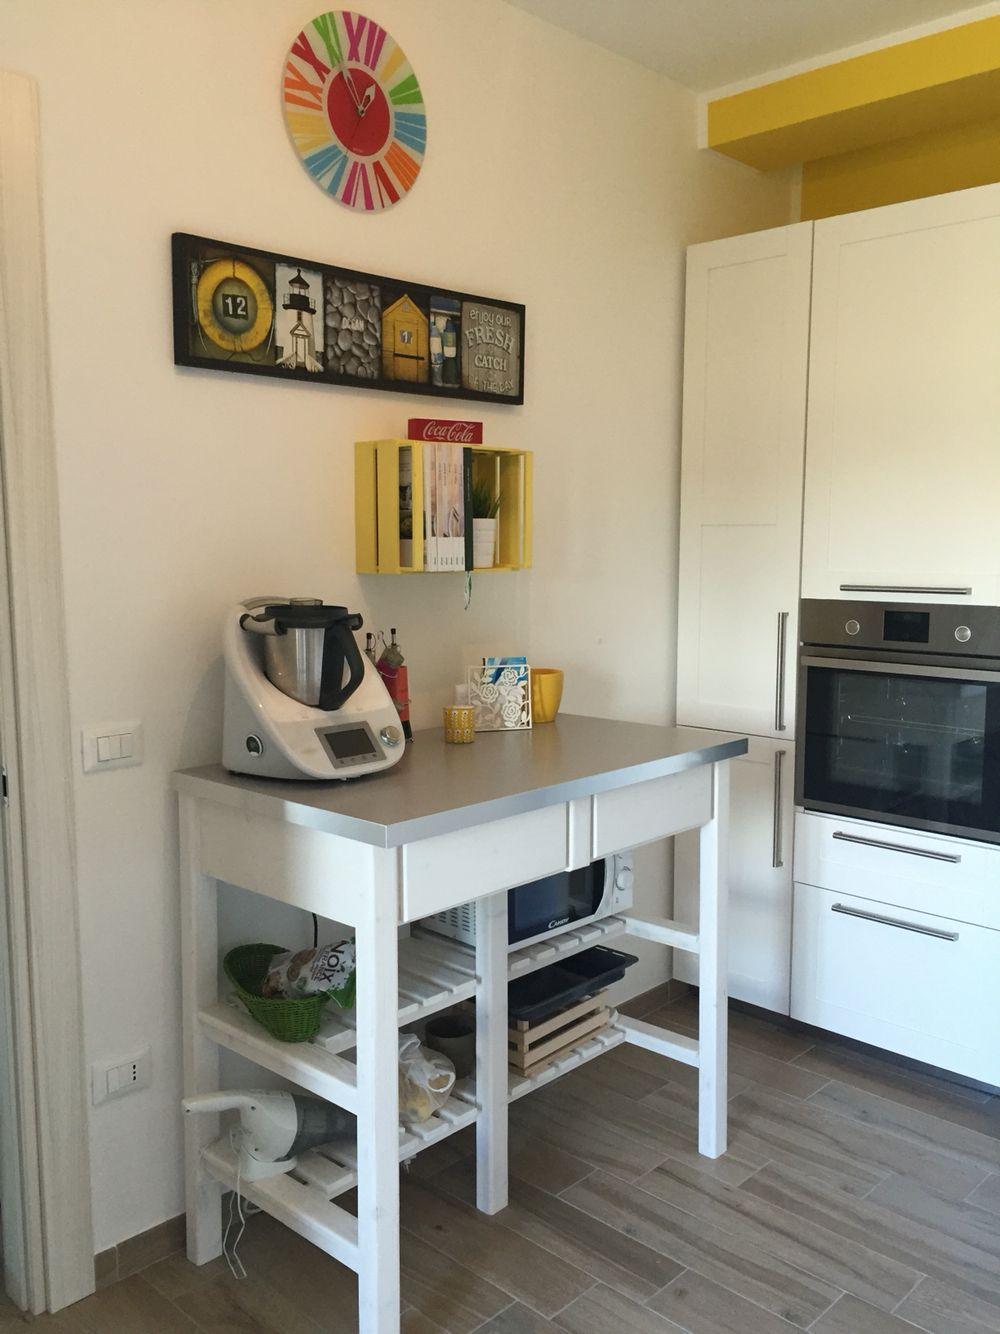 Banco lavoro cucina | Idee per la casa | Pinterest